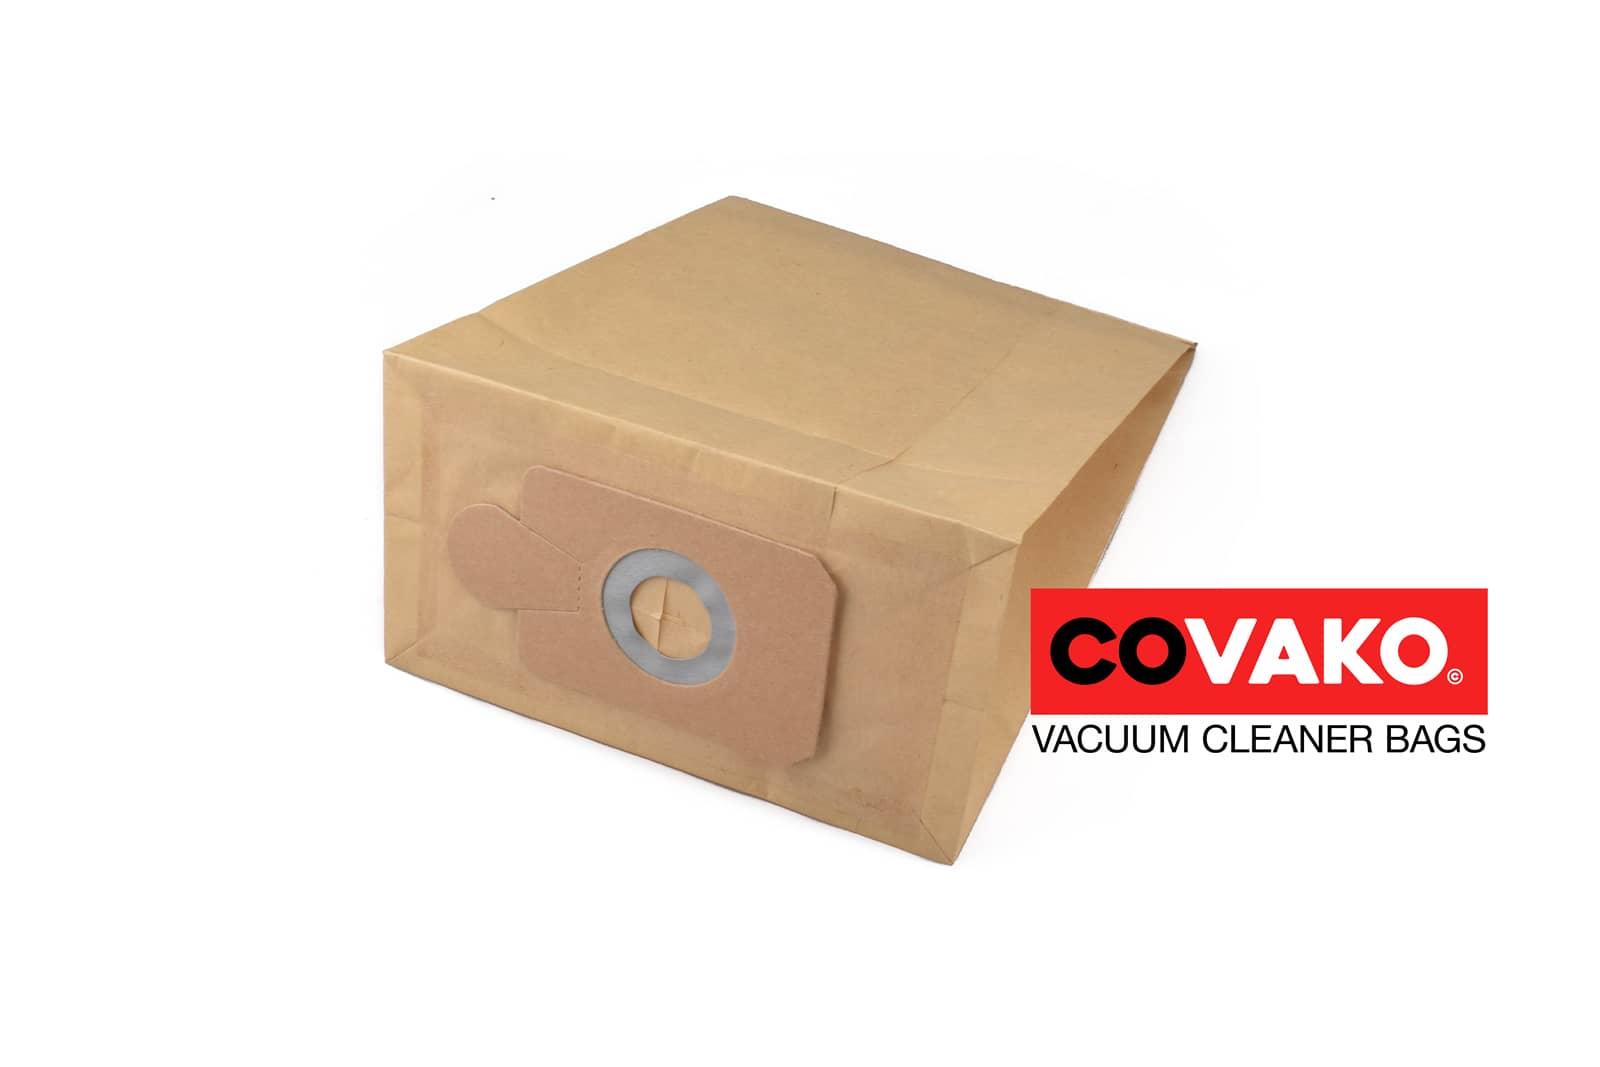 Numatic HVR 160-11 / Papier - Numatic stofzuigerzakken